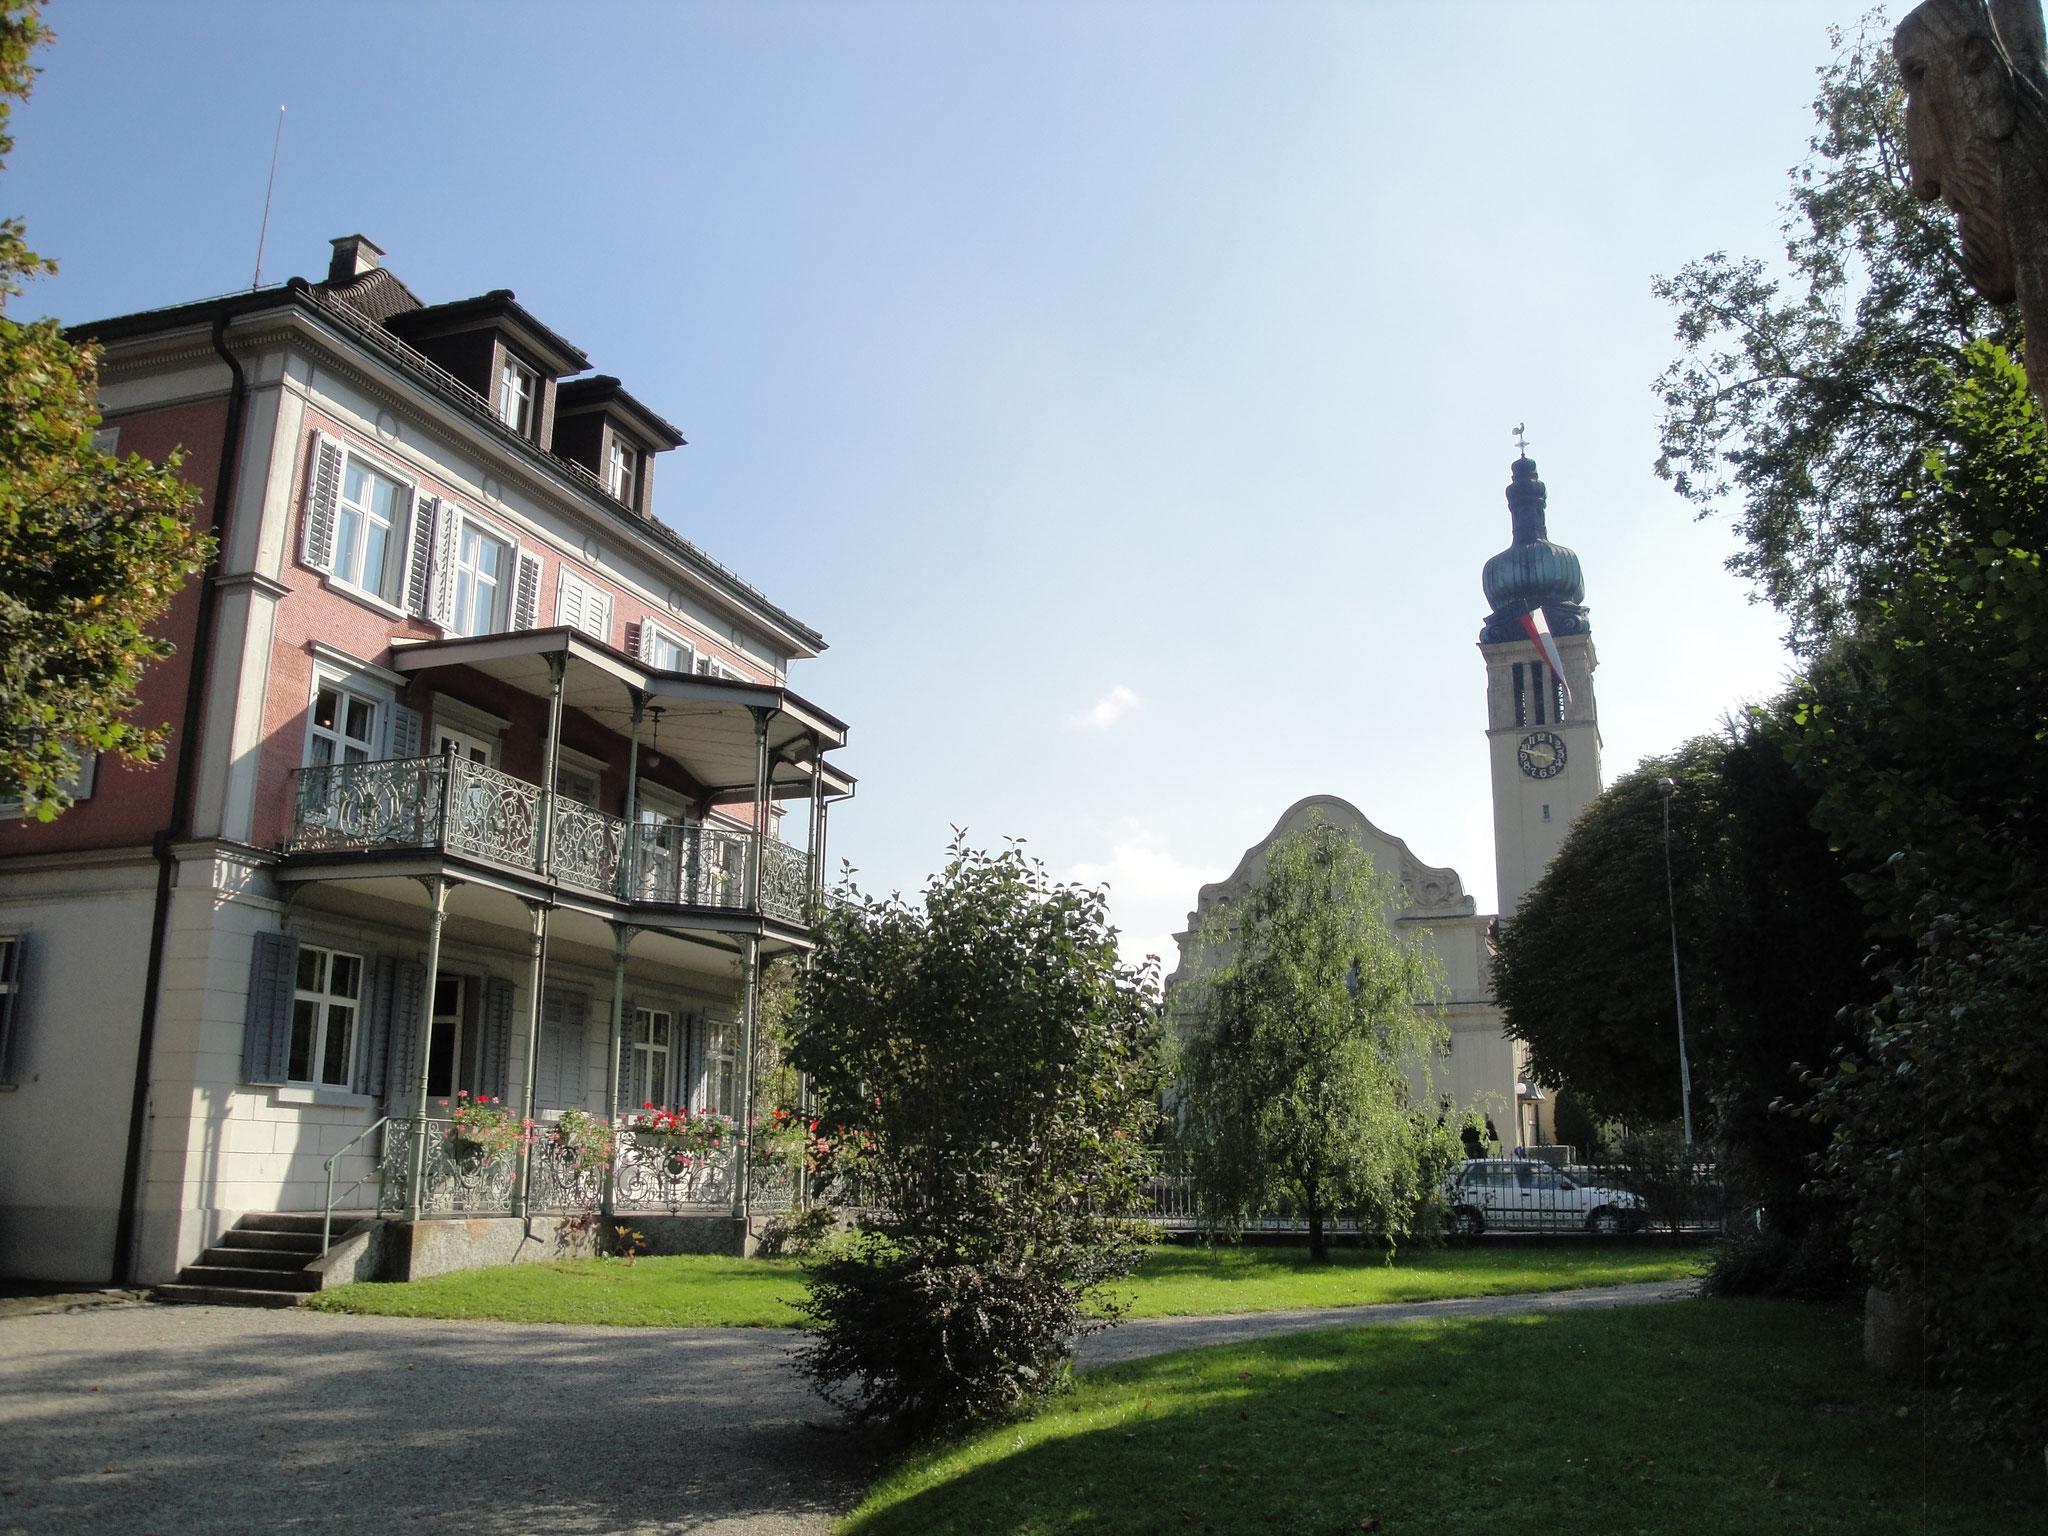 Ohne Huldreich Ottiker keine Kirche an diesem Ort: Ottiker verzichtete teilweise auf ein eingetragenes Bauverbot auf der gegenüberliegenden Wiese.